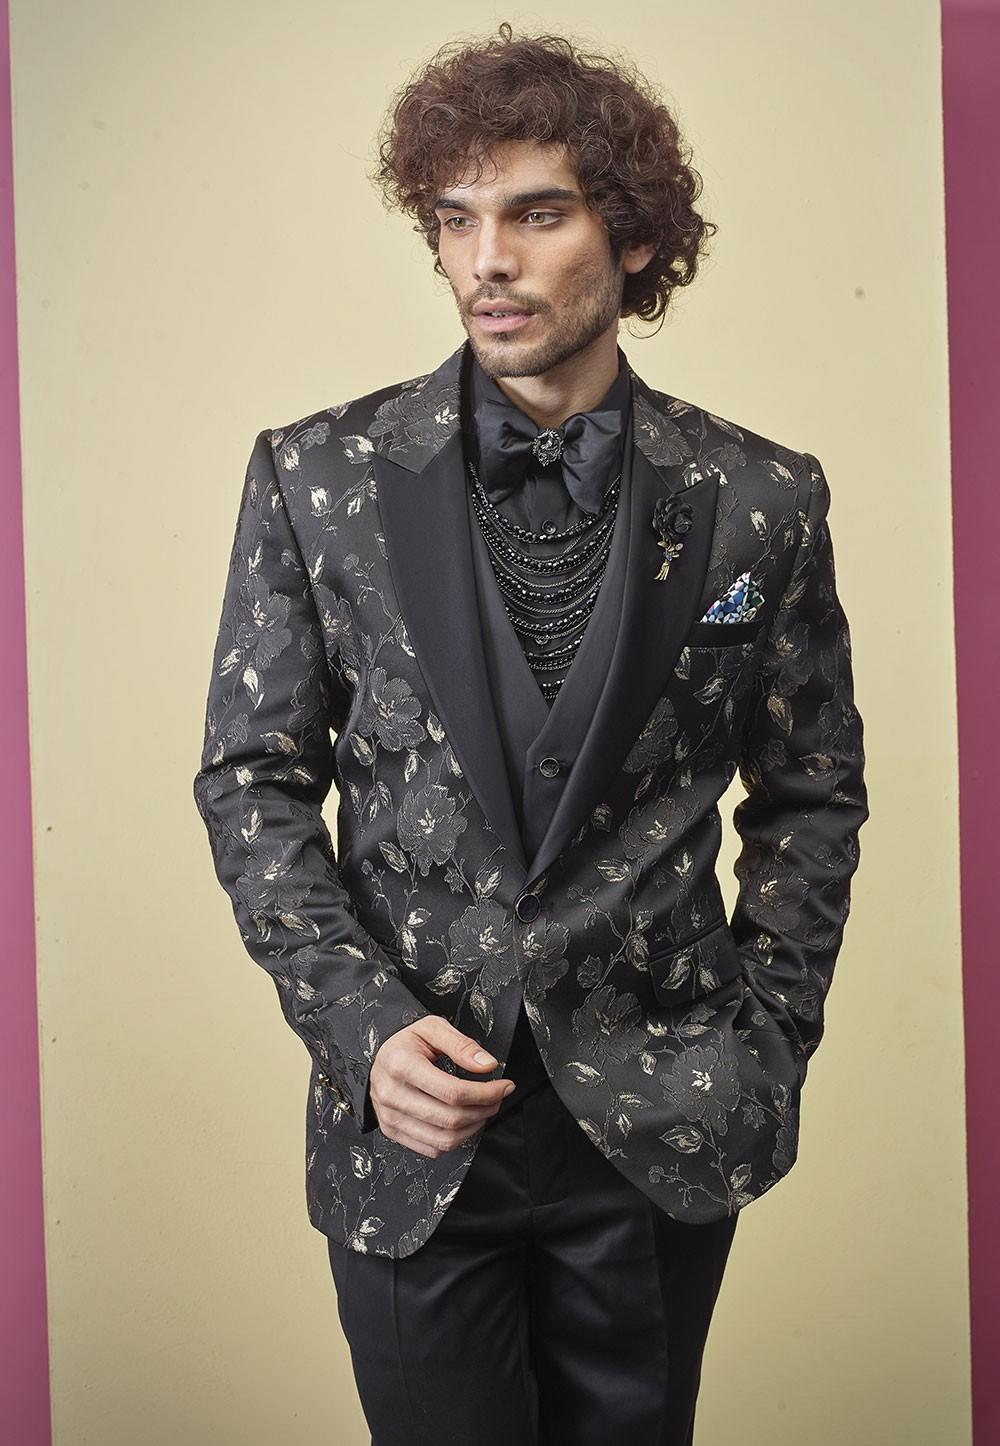 Black Colour Flower Design Tuxedo Suit.